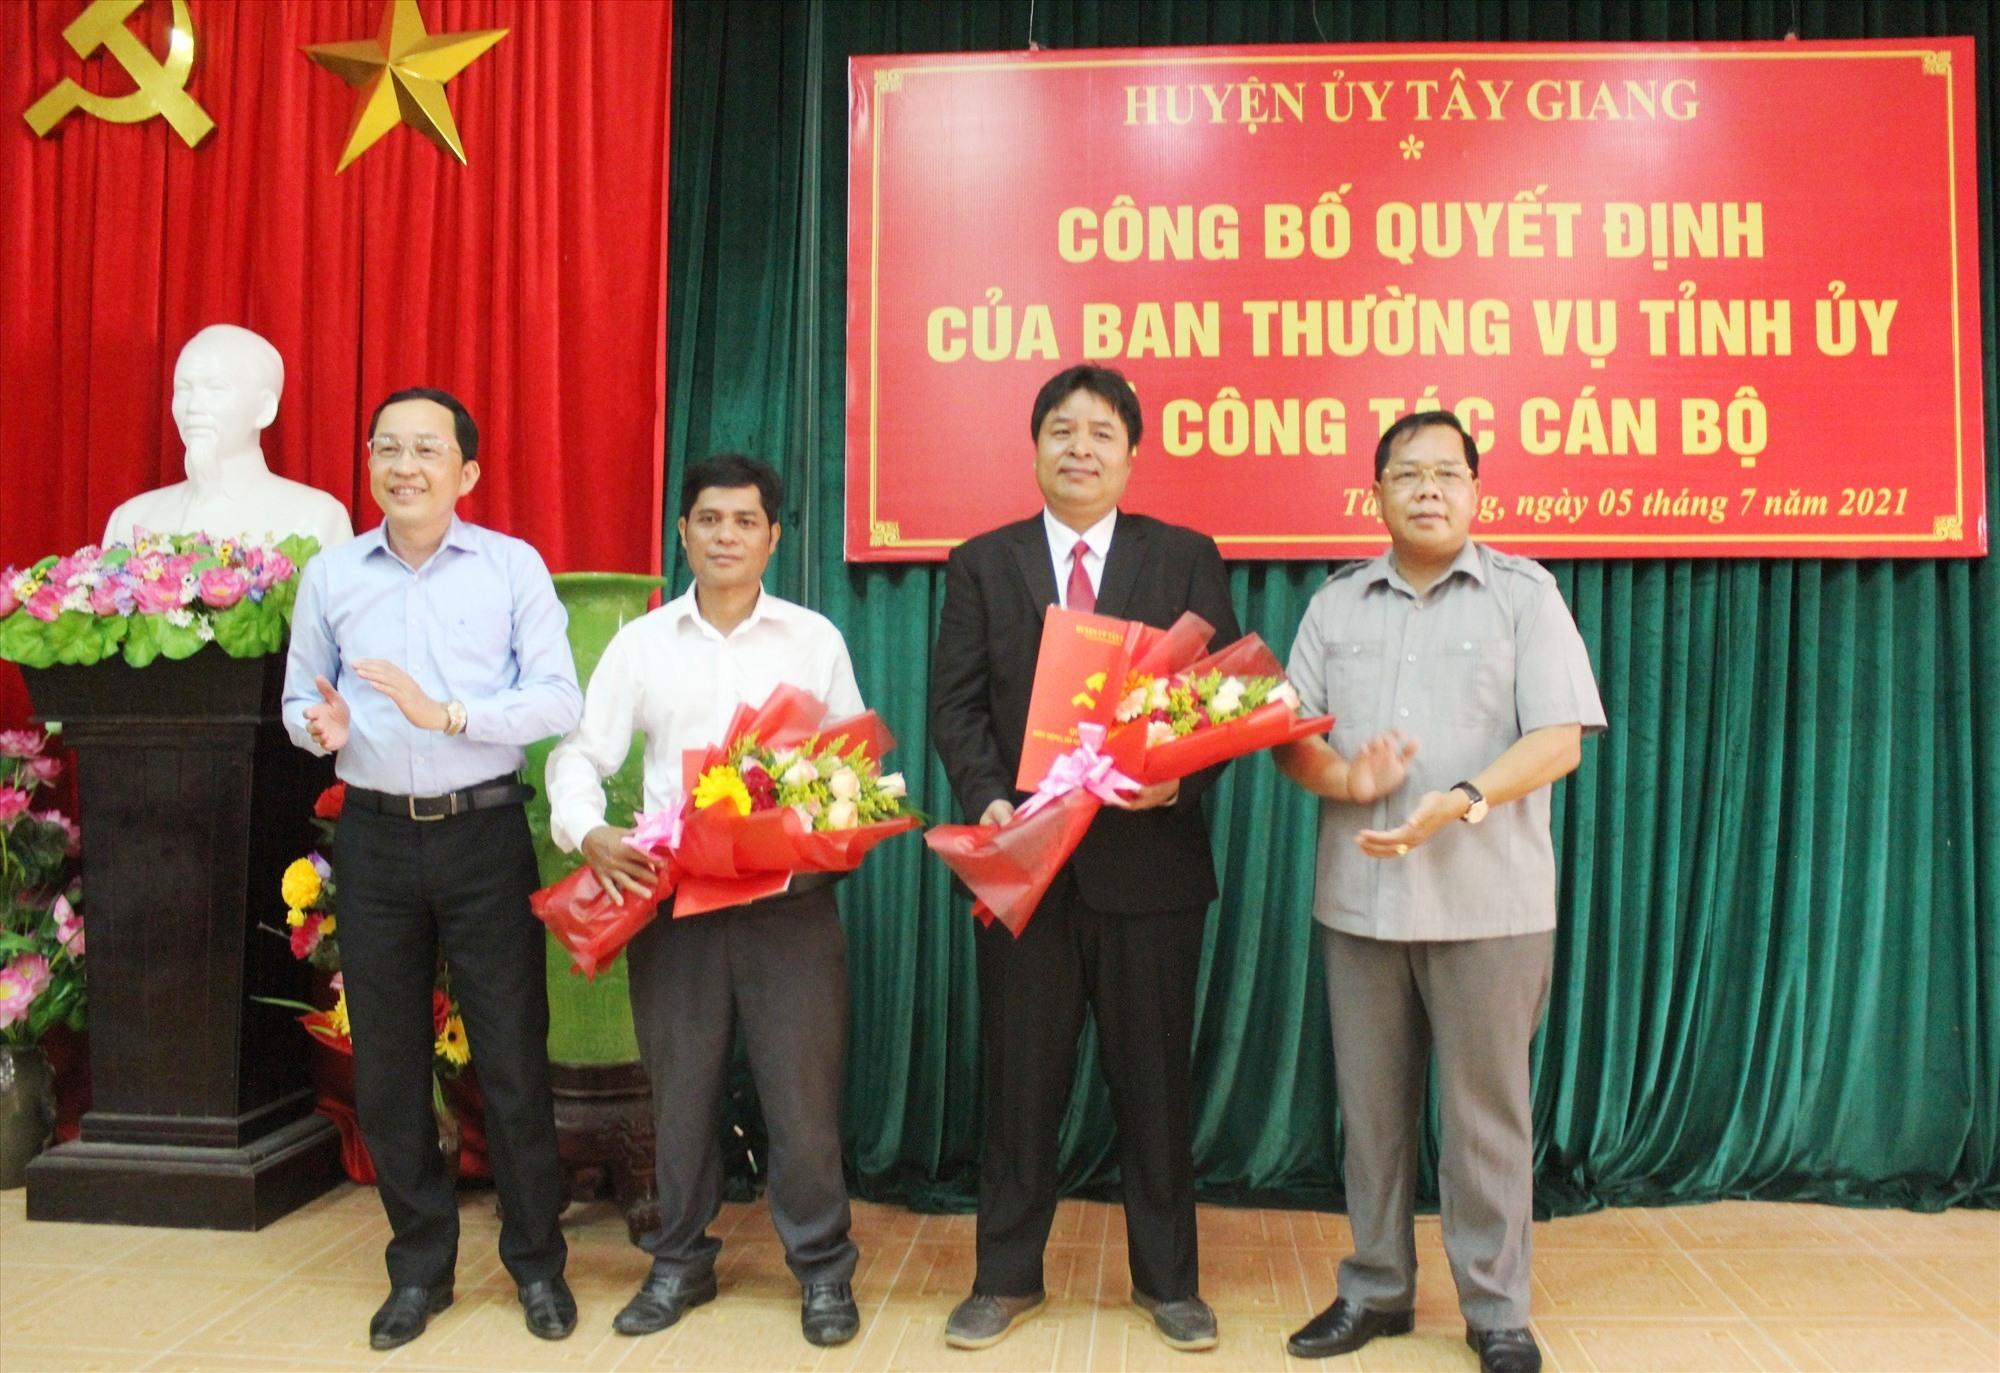 Lãnh đạo Huyện ủy Tây Giang trao quyết định chuẩn y cho ông Zơrâm Buôn (thứ 2 phải sang). Ảnh: ĐH